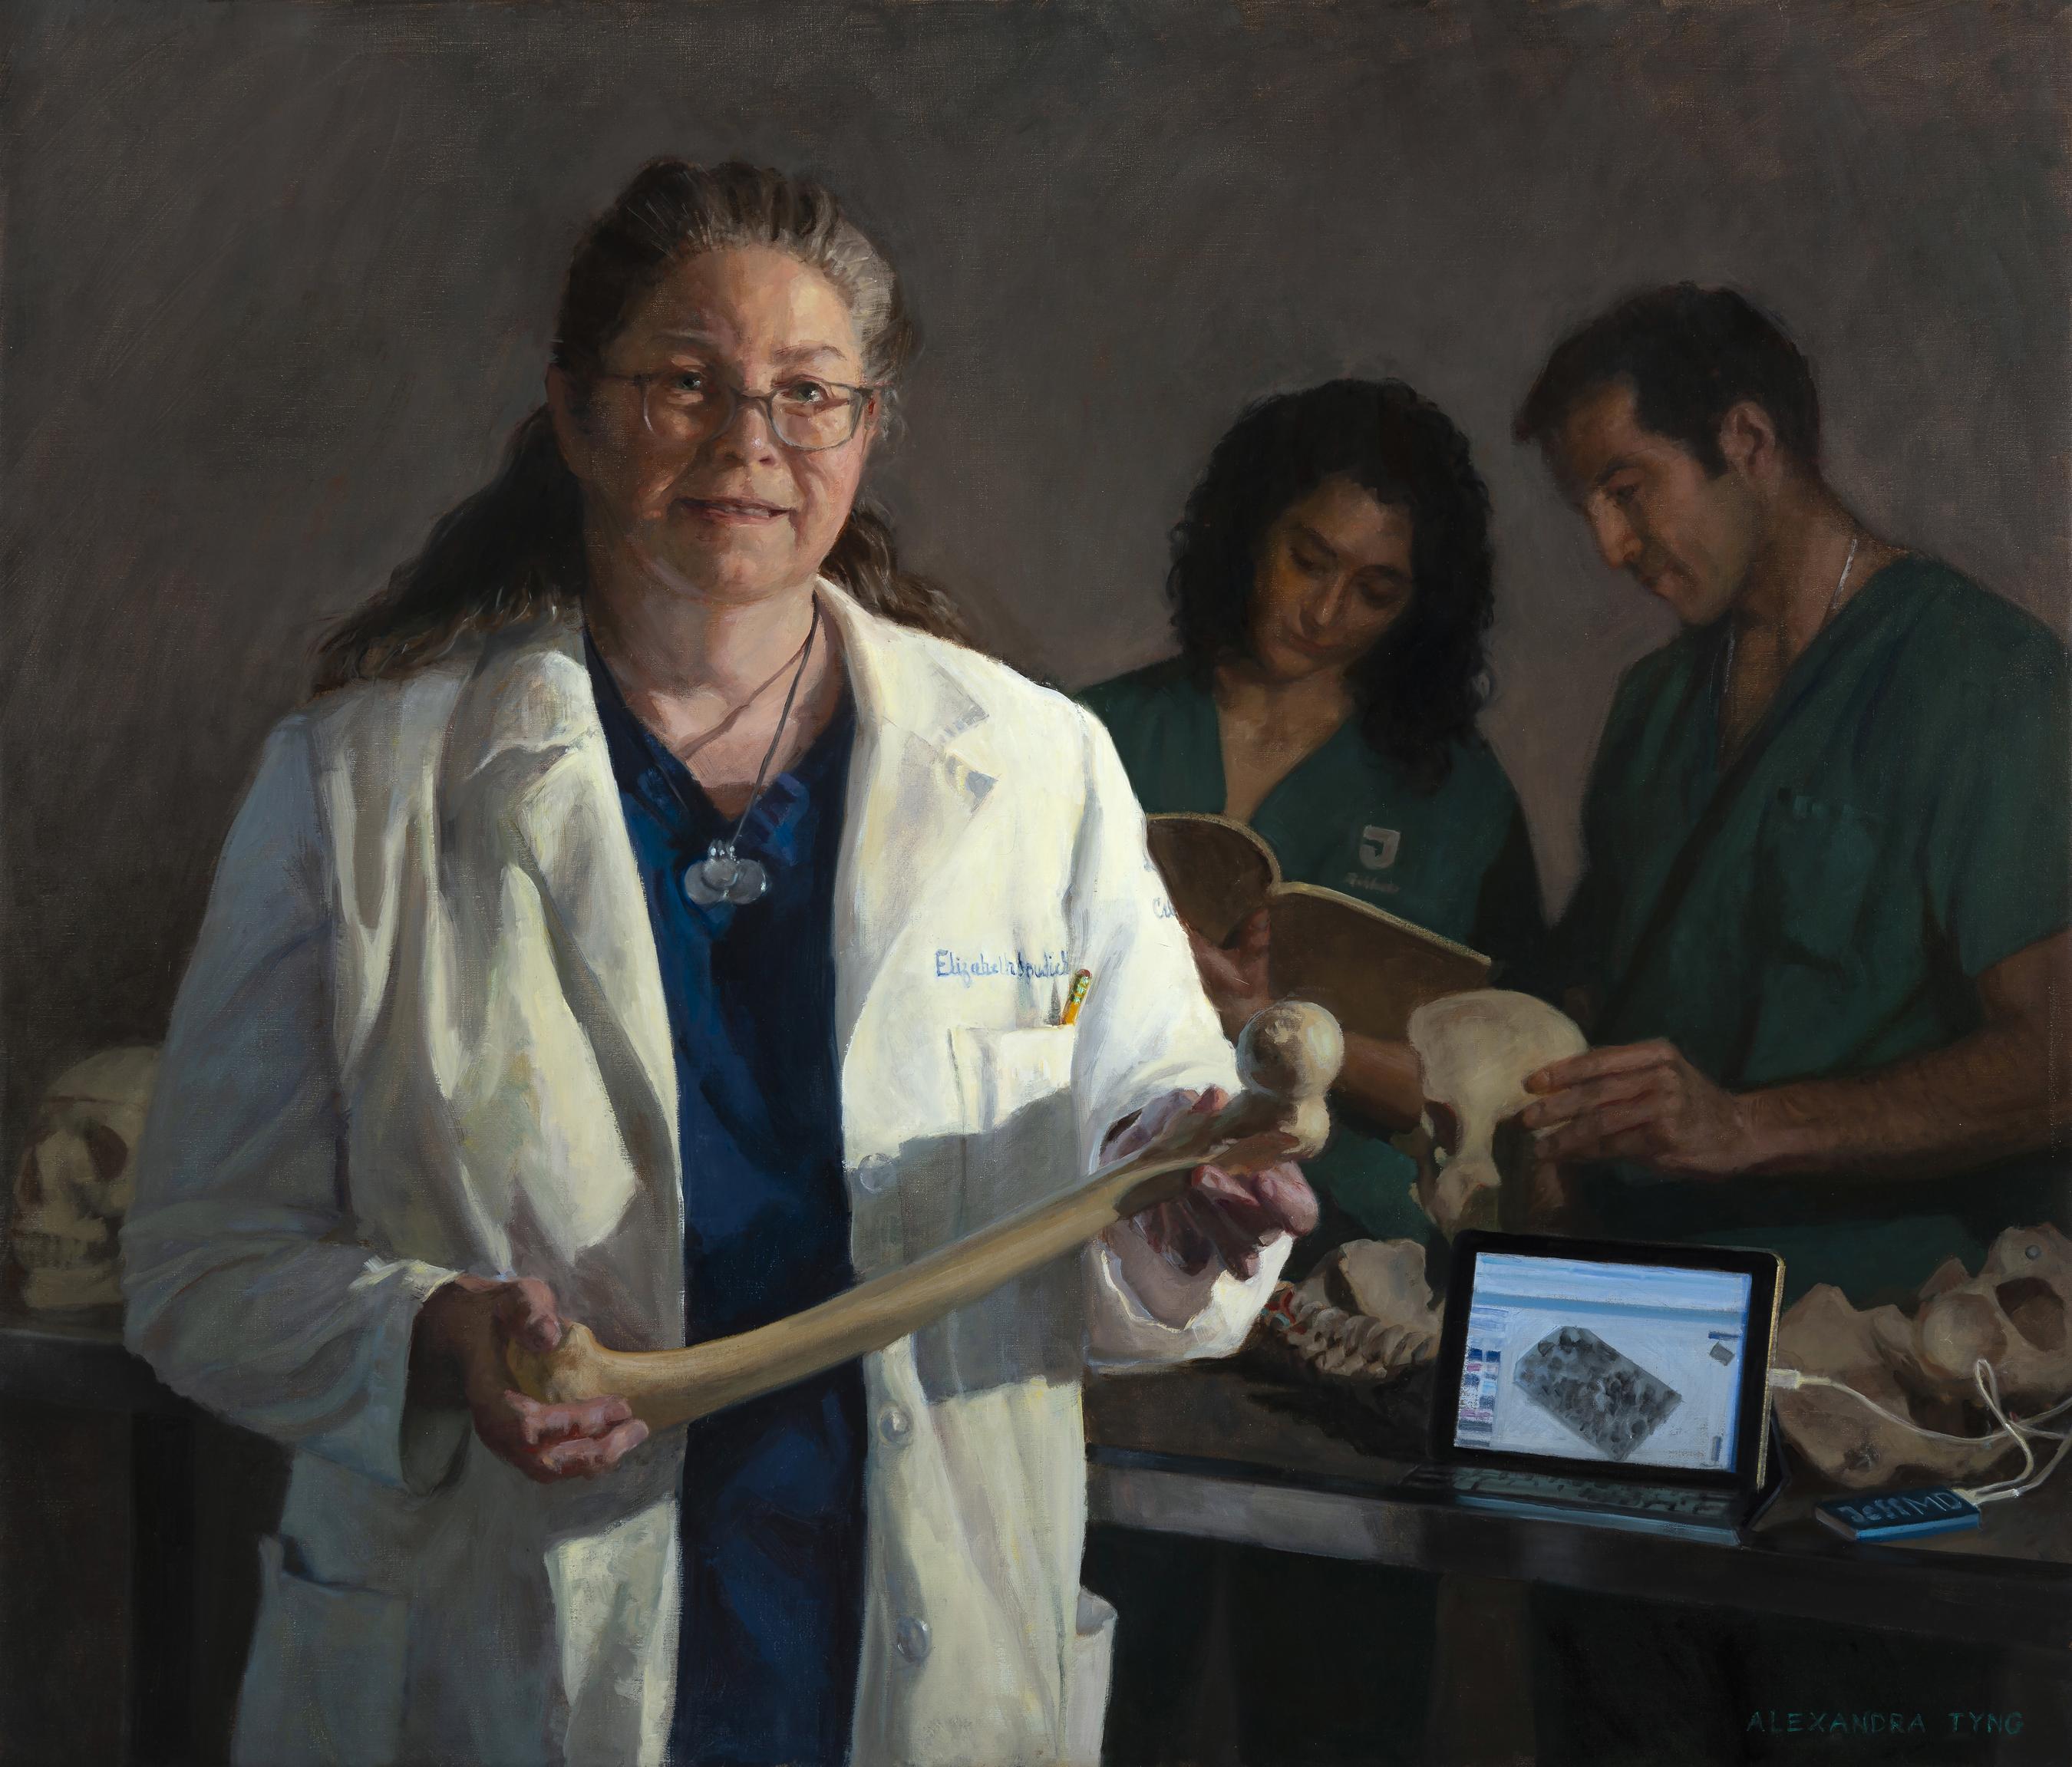 Elizabeth Spudich, PhD